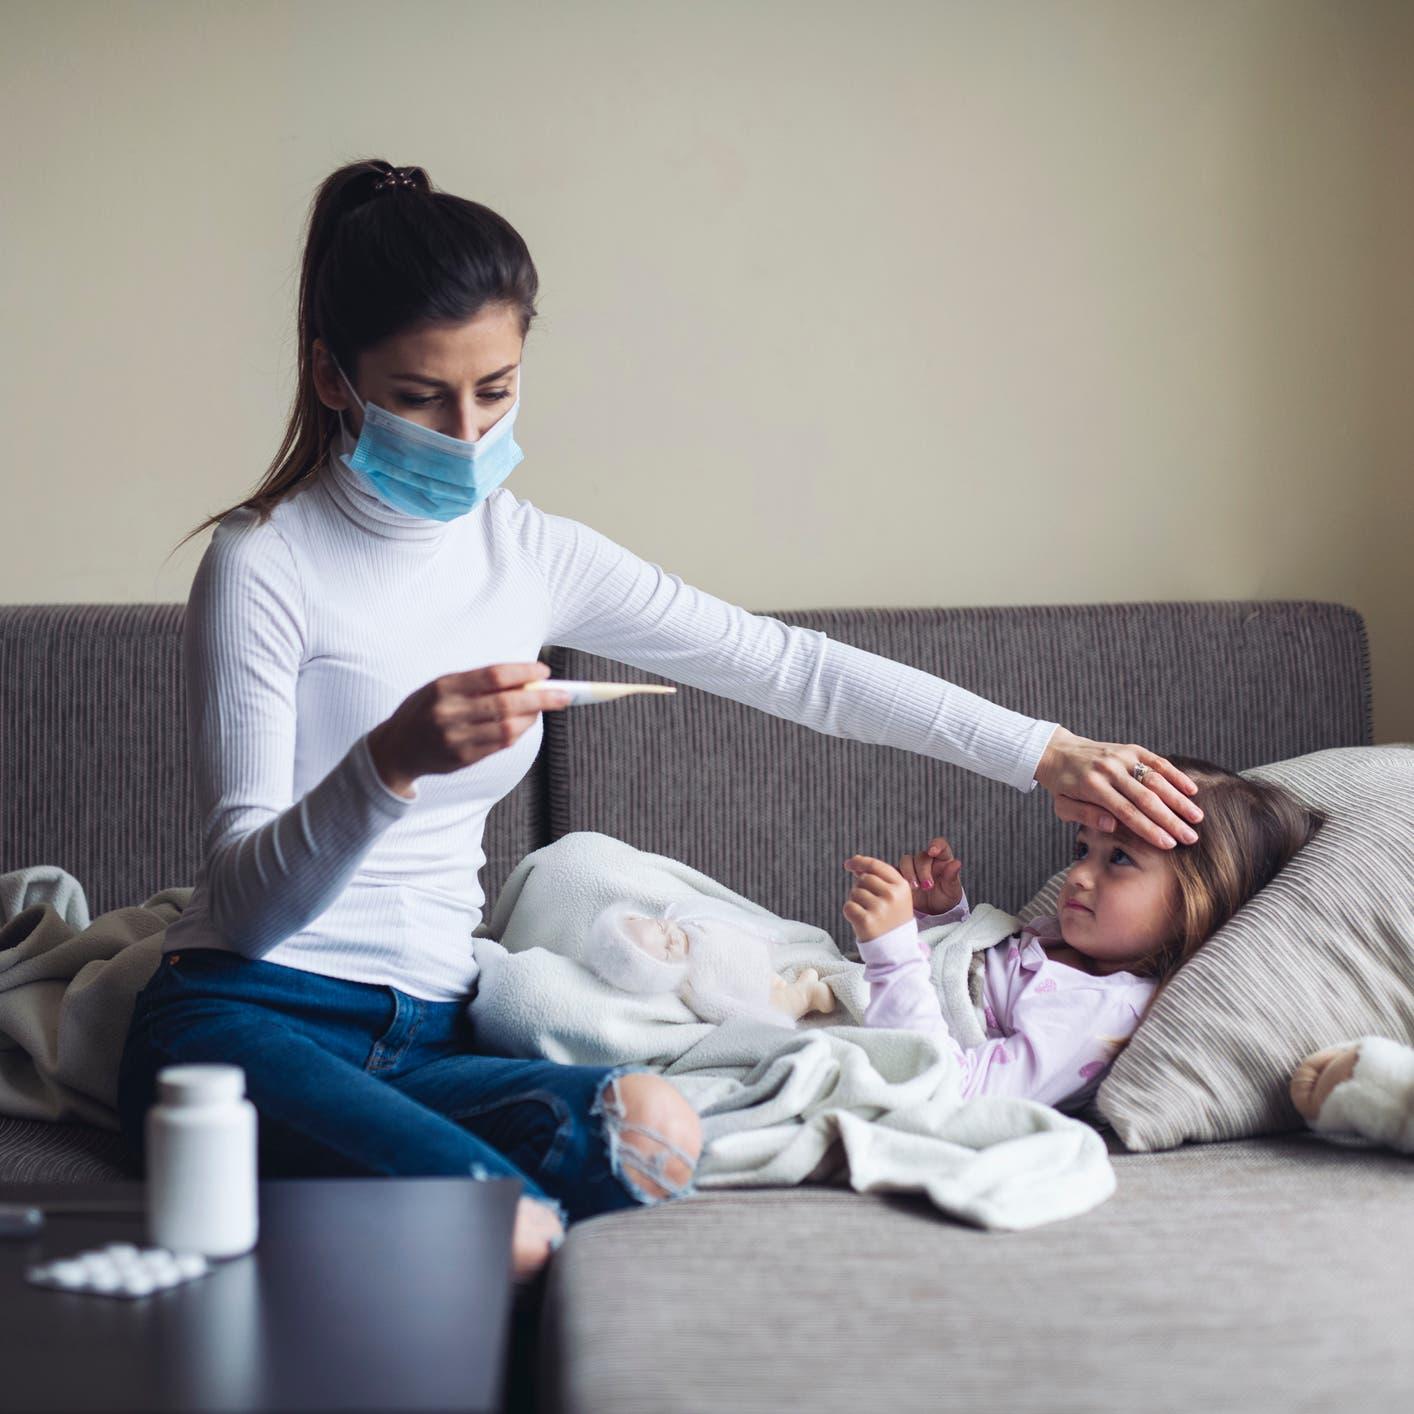 انتبهوا رجاء.. كورونا يتسلل عبر الأطفال بلا أعراض!